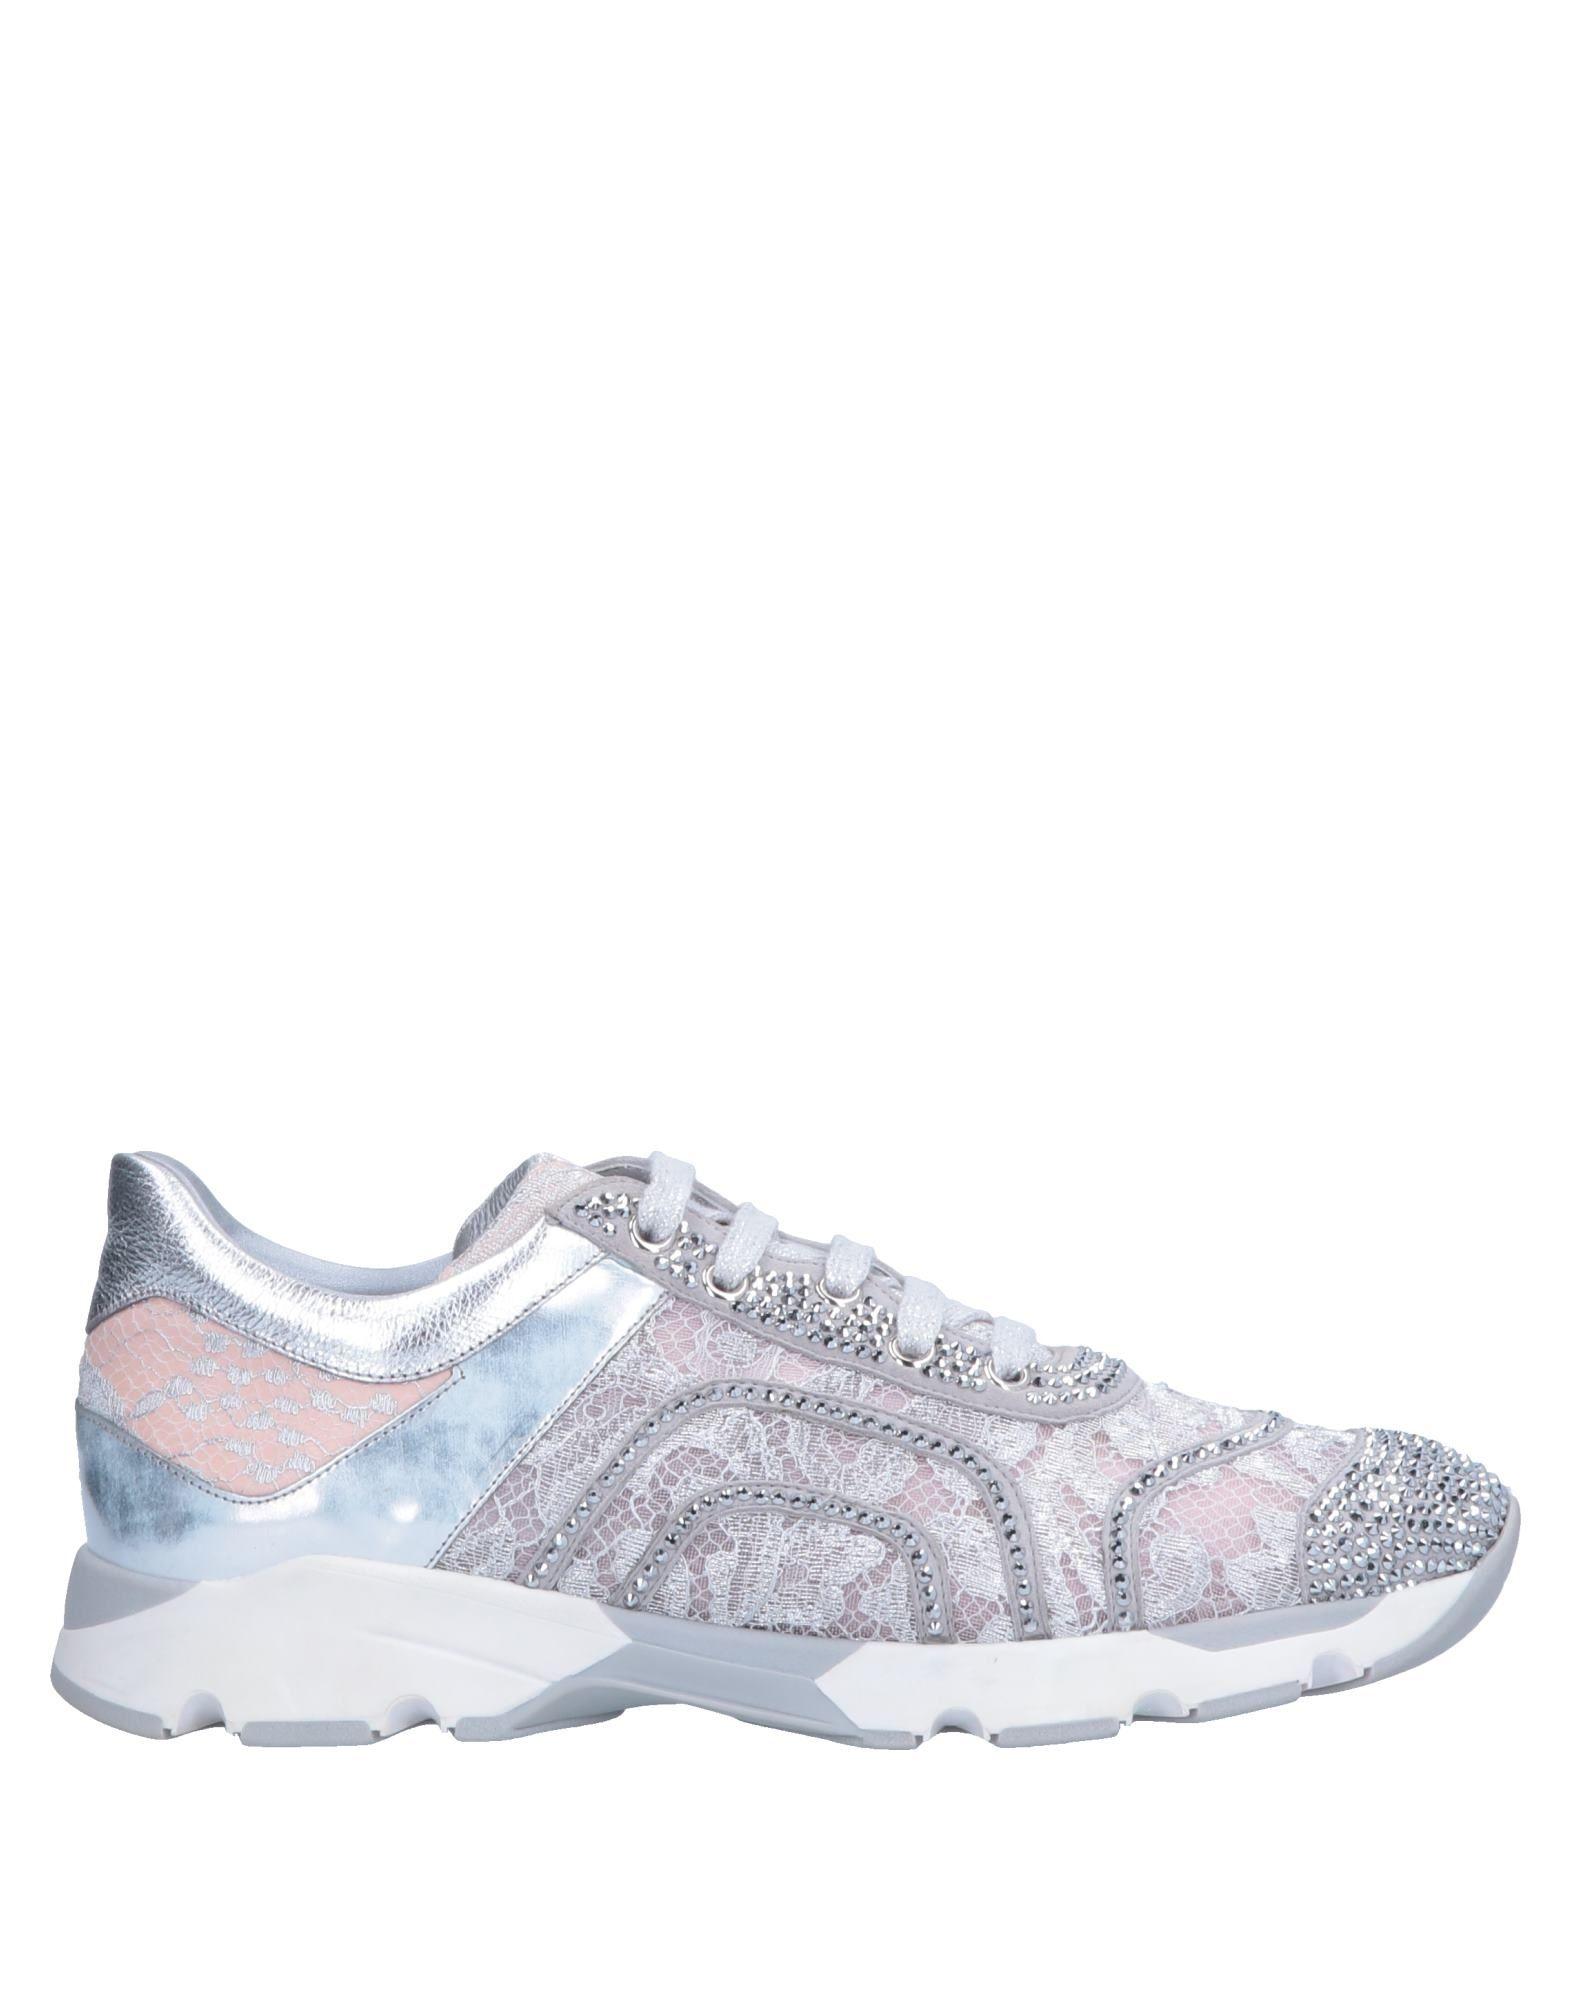 Rene' Caovilla Sneakers Damen Schuhe  11554532UVGünstige gut aussehende Schuhe Damen 7d7f92